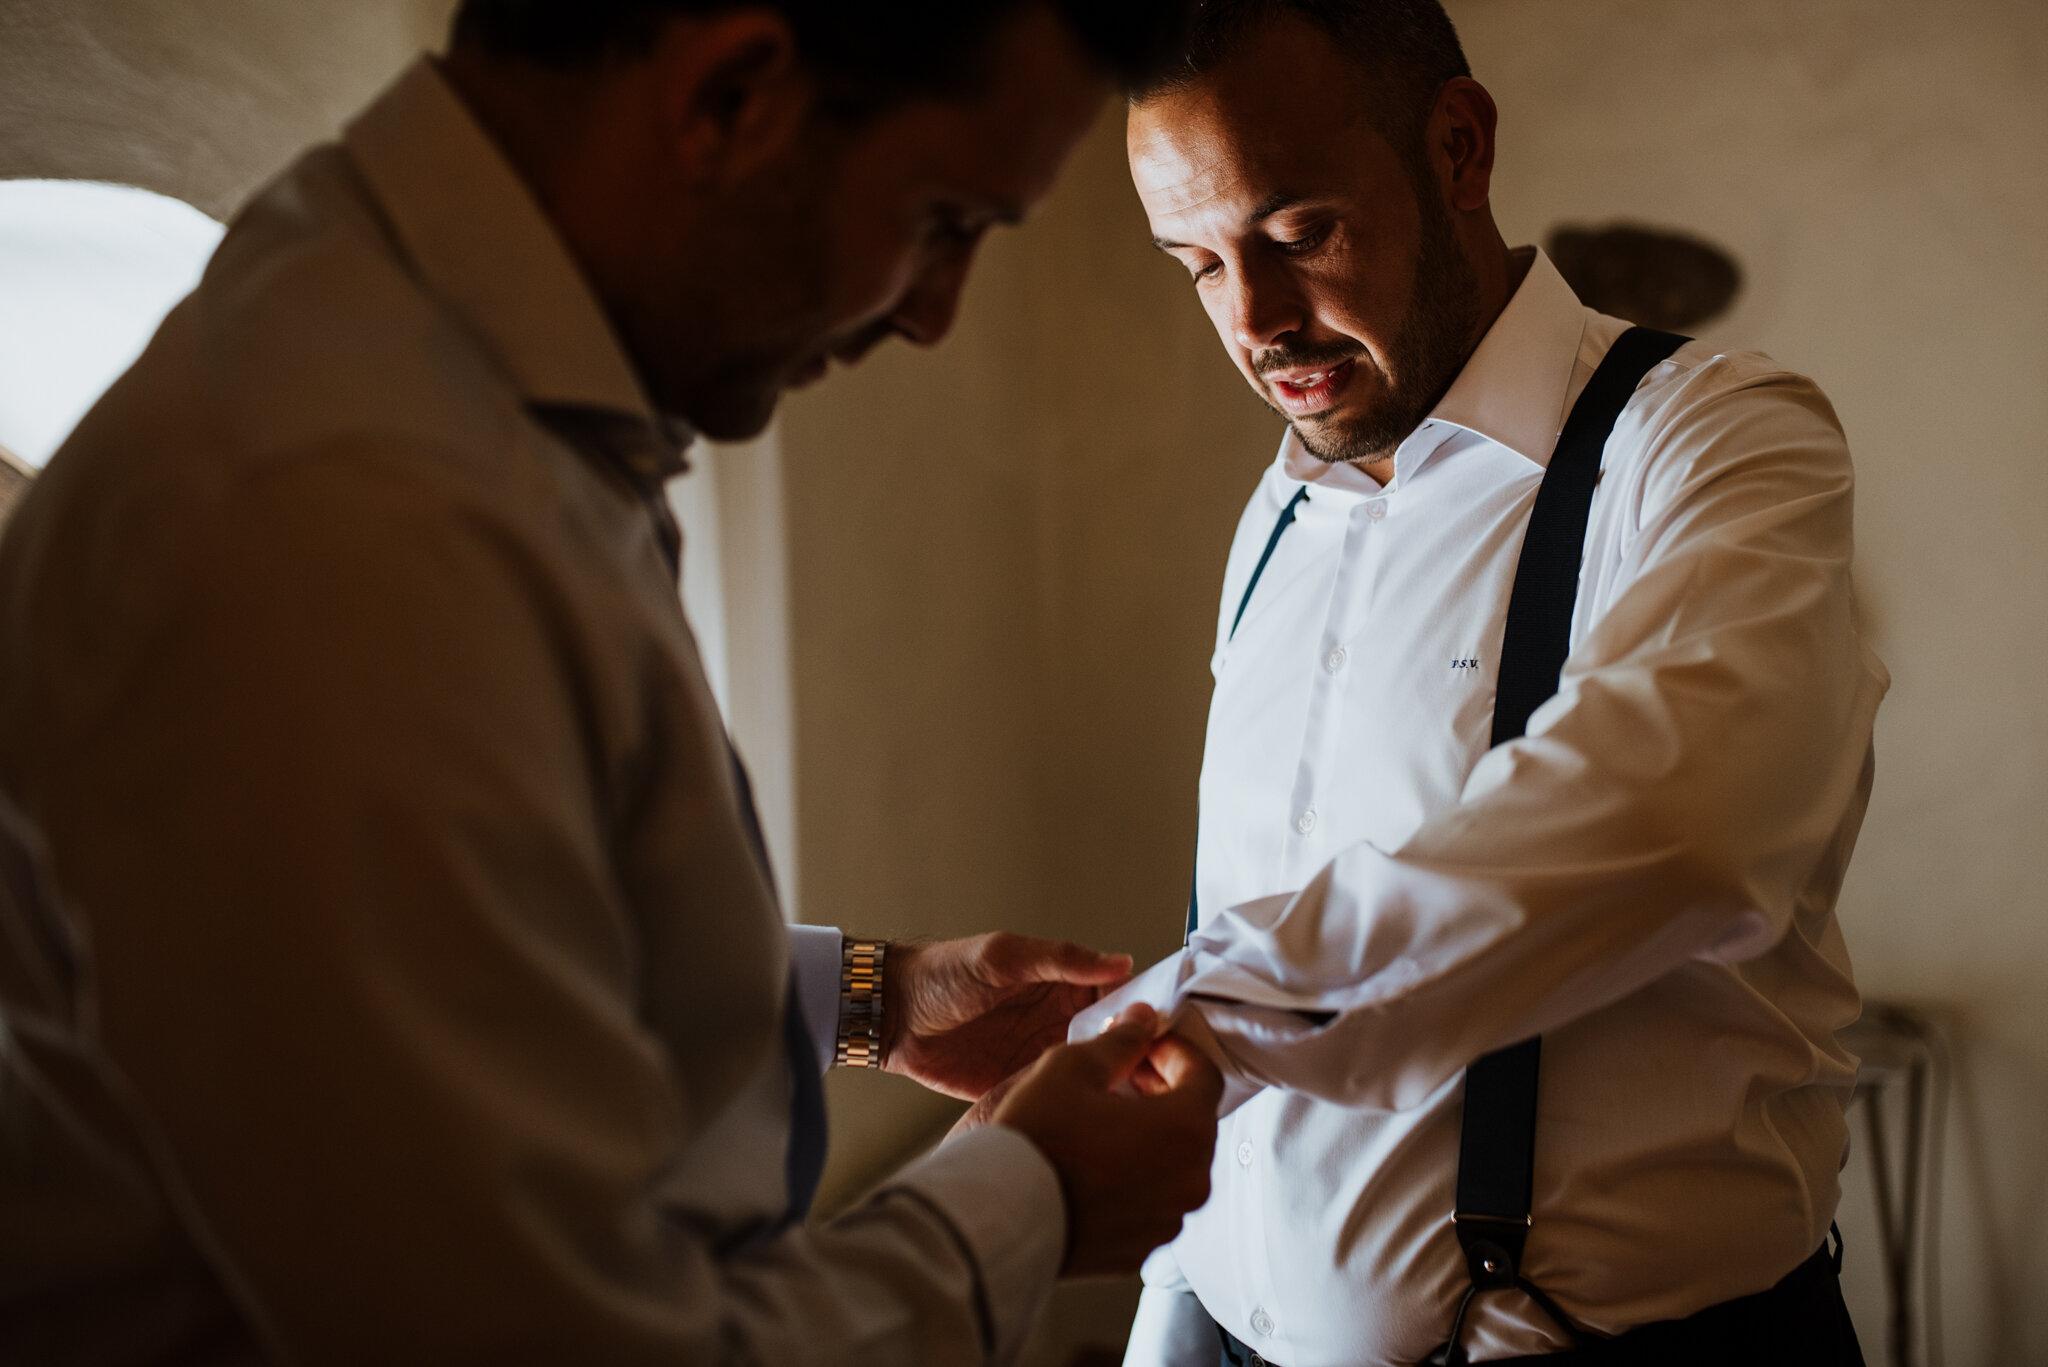 fotografo de bodas las palmas_-14.jpg